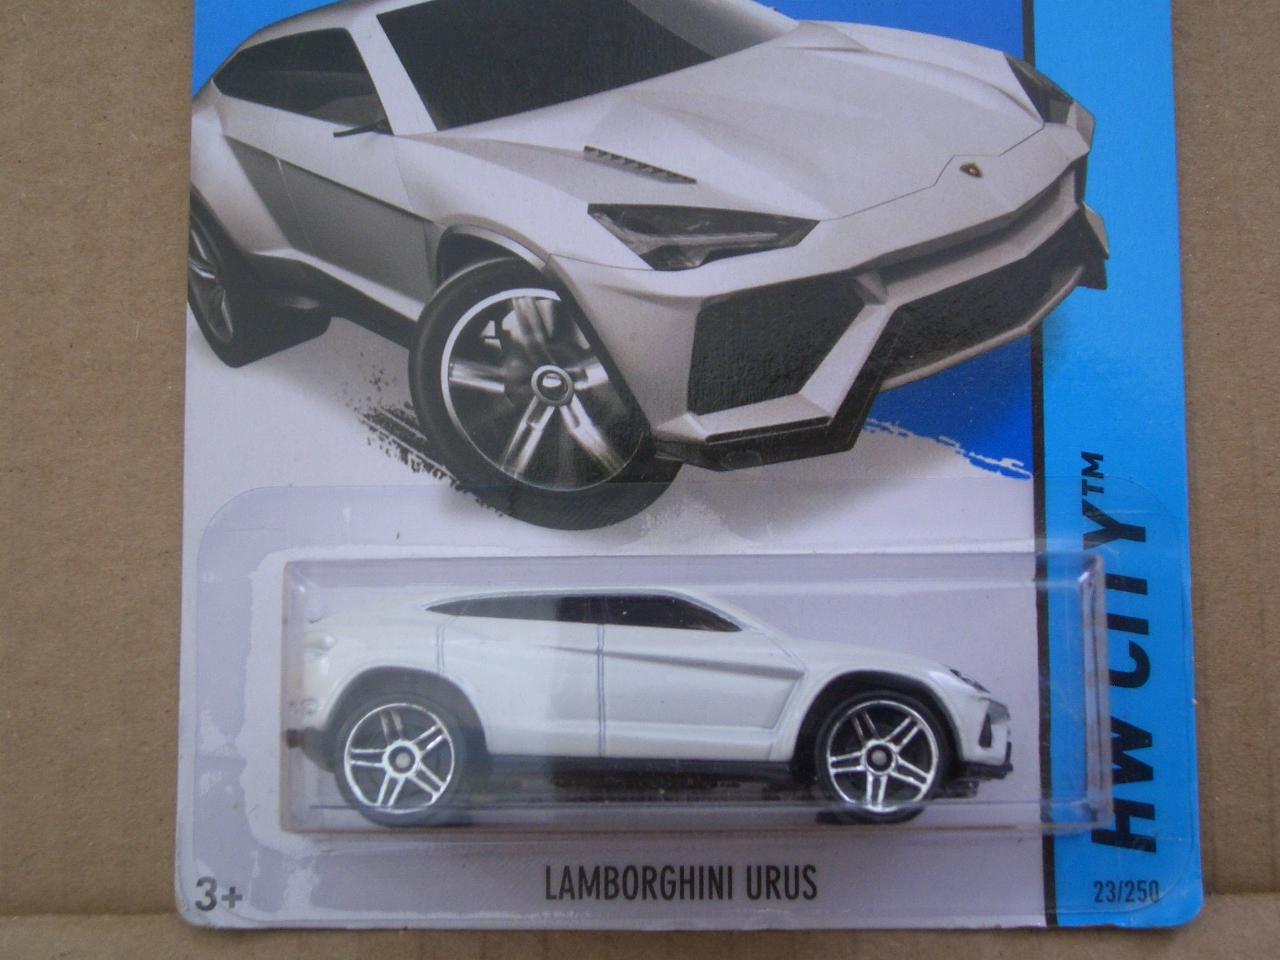 Diecast Madness Uk Hot Wheels The Lamborghini Urus In White And